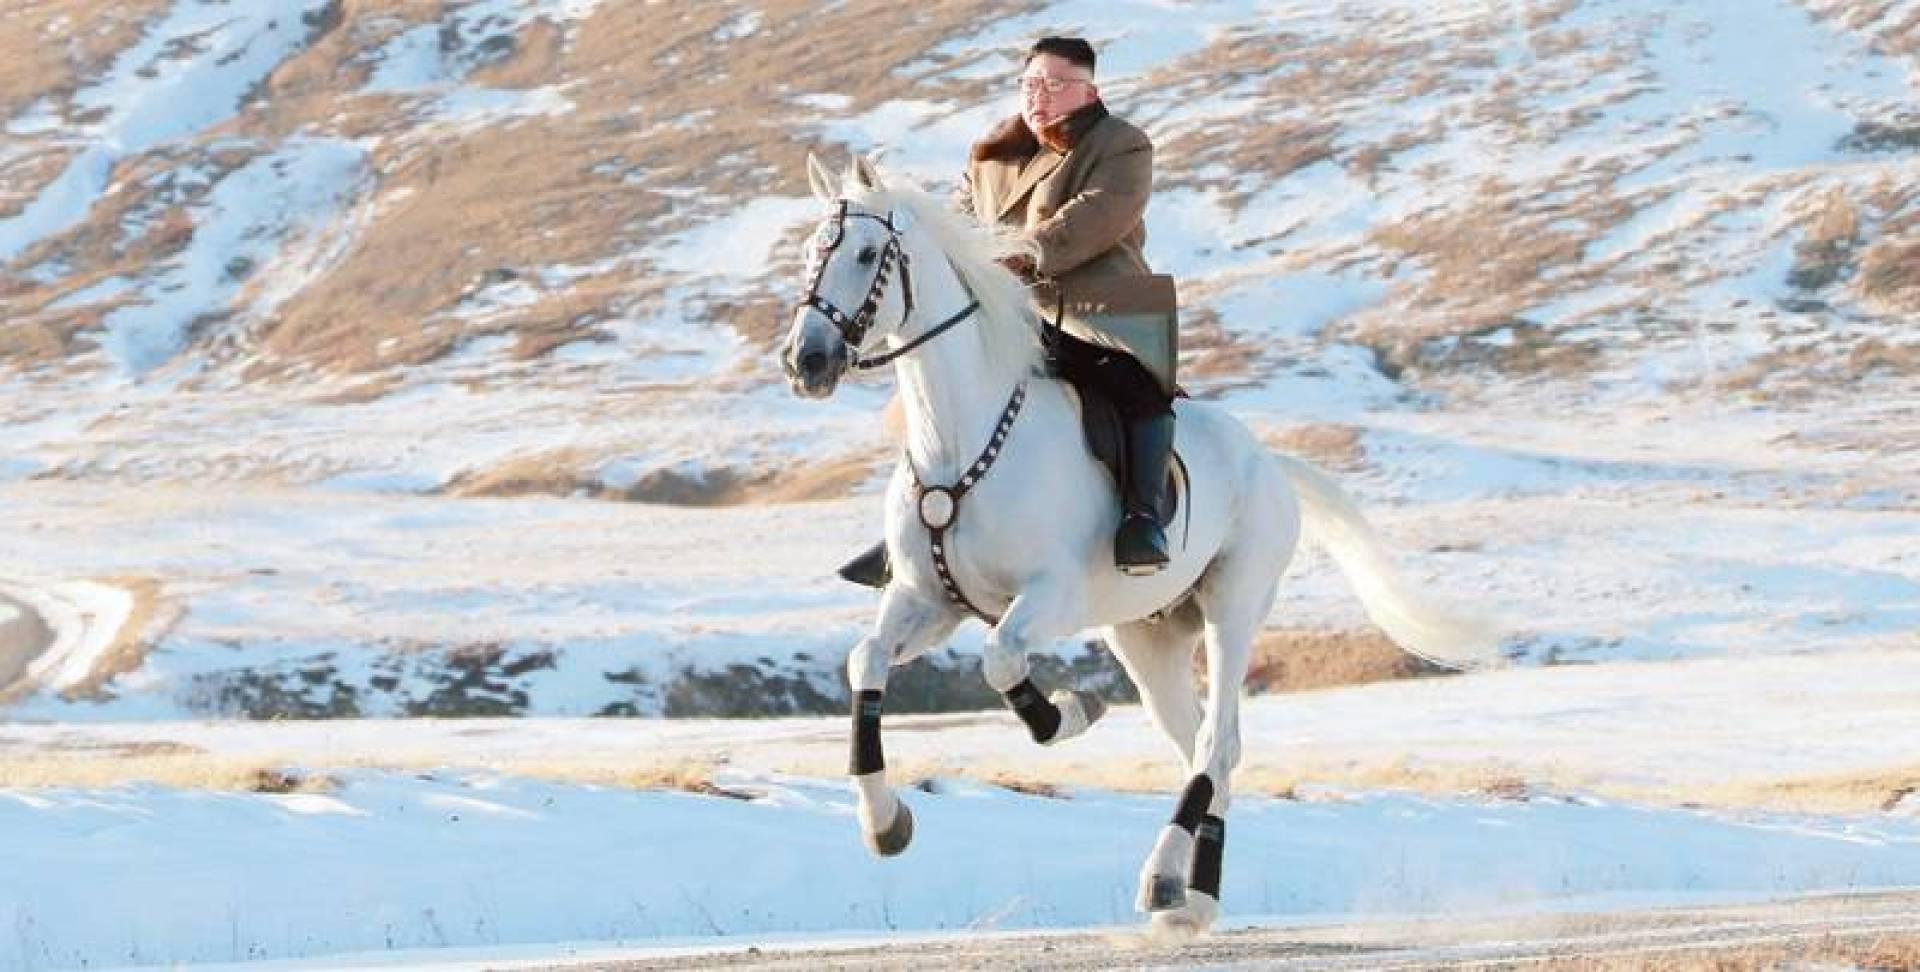 كيم على الحصان خلال نزهته قرب جبل بايكتو| رويترز